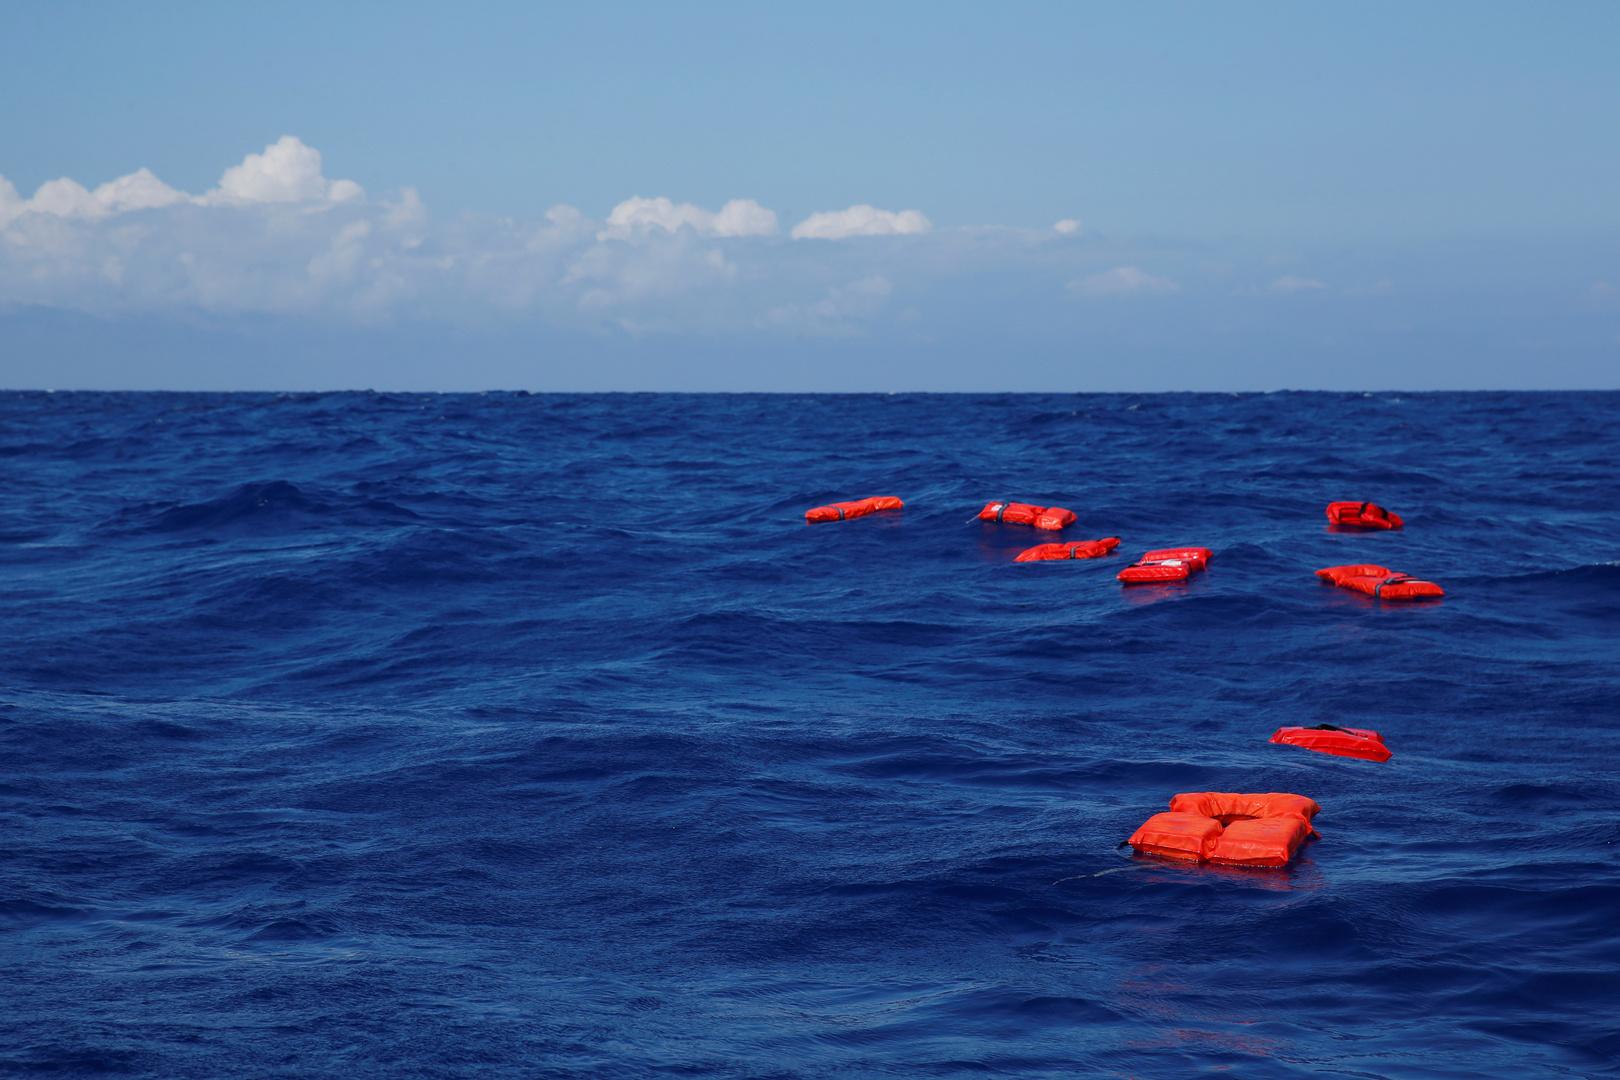 خفر السواحل التركي ينقذ 14 مهاجرا تعطل قاربهم